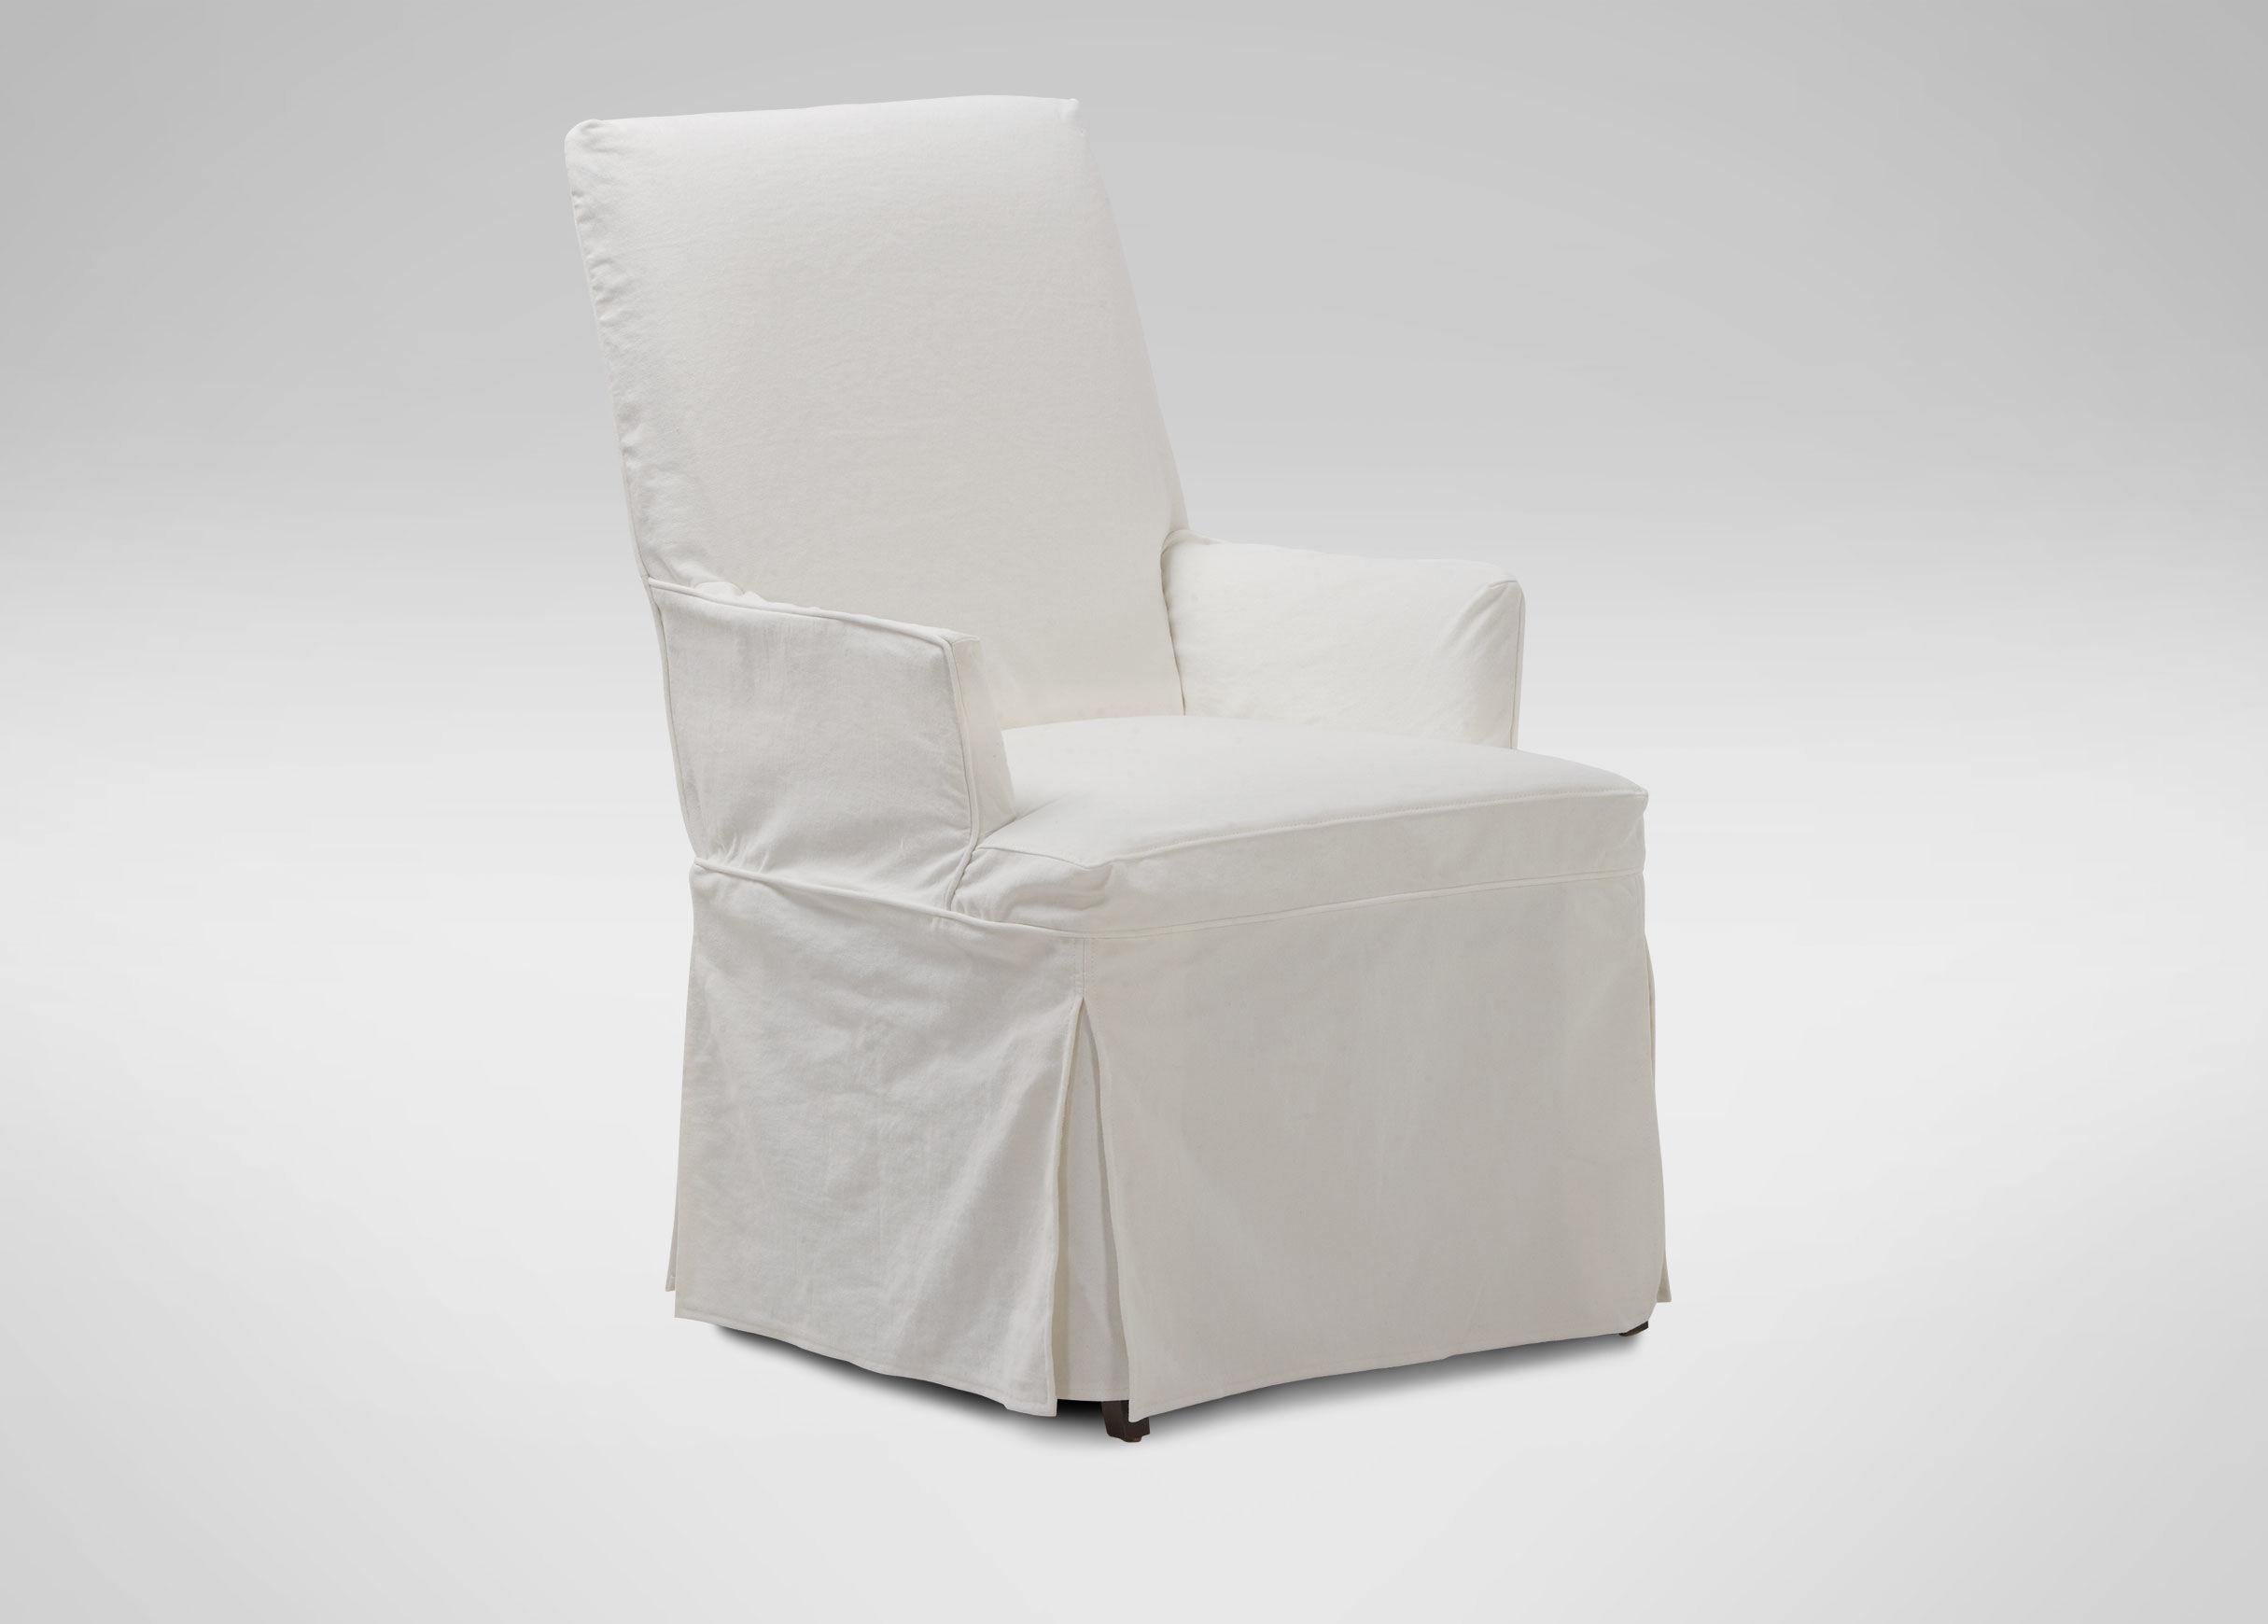 white slipcovered chair desk orange ideas homesfeed